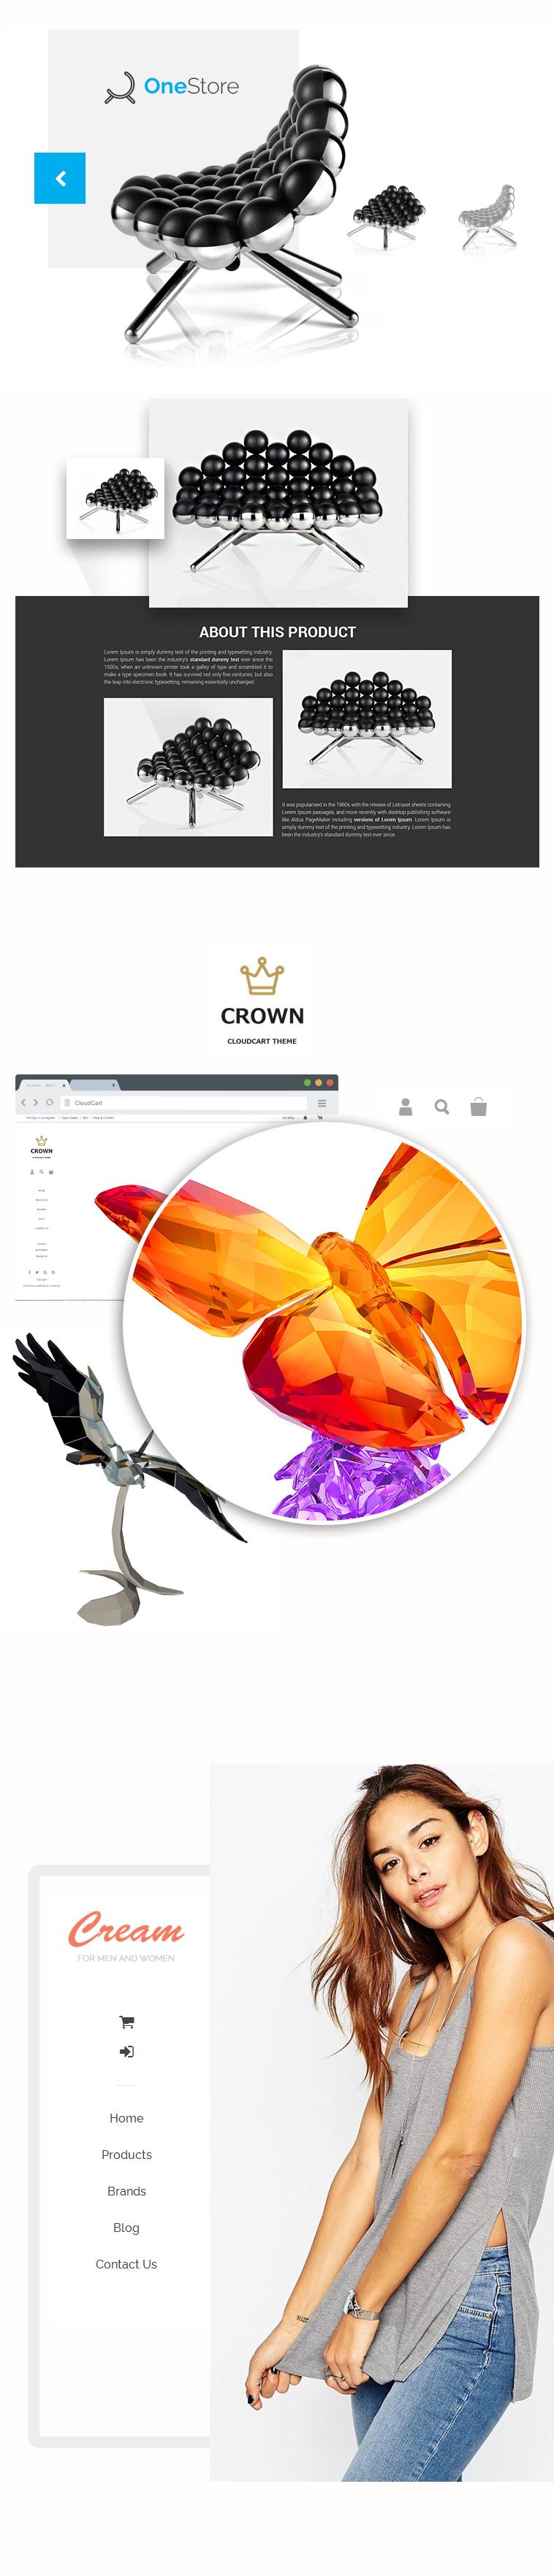 Безплатен дизайн за електронен магазин от CloudCart